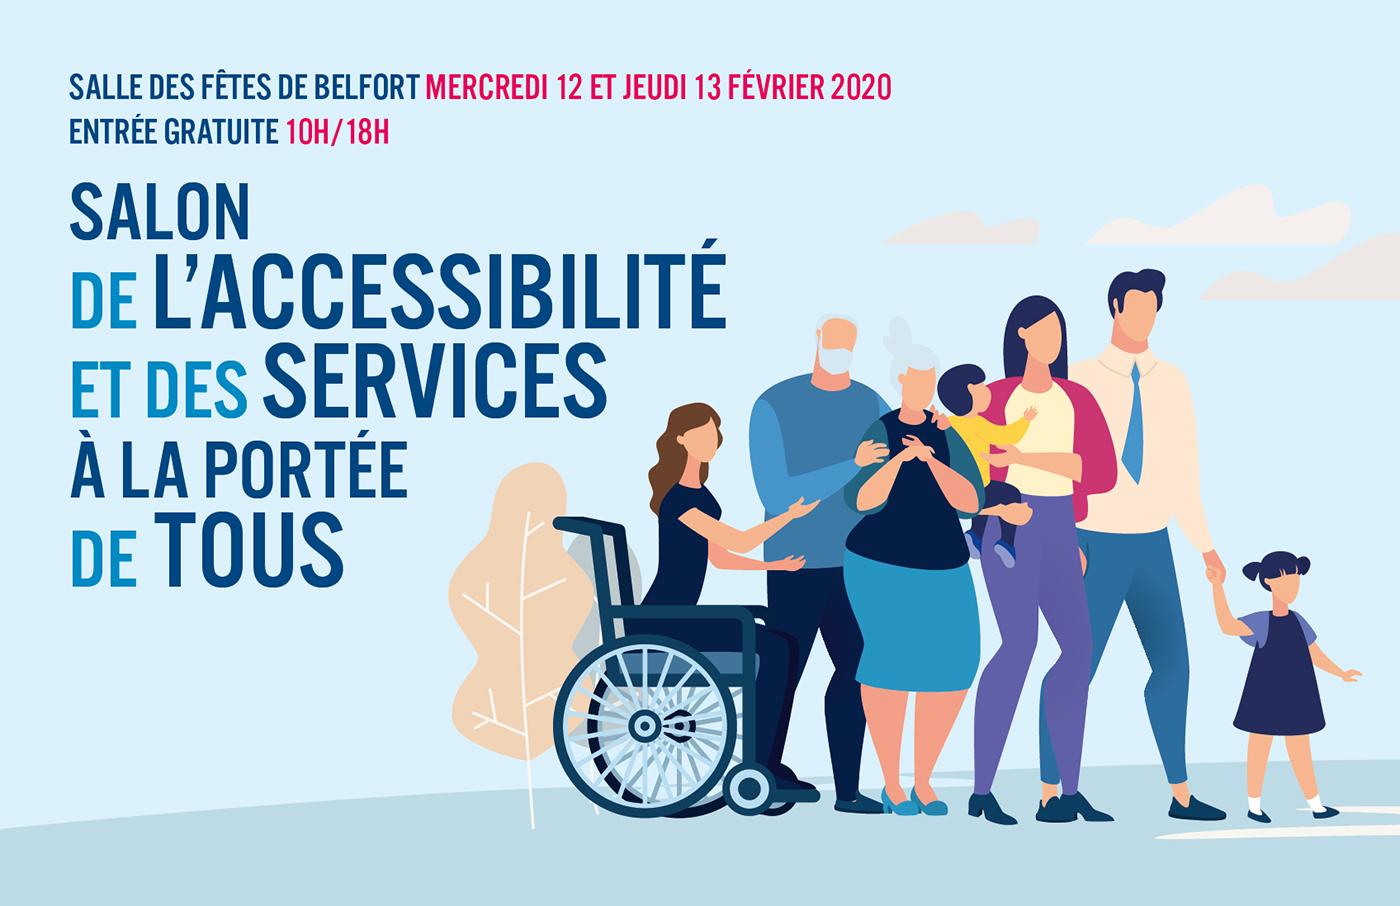 Accessibilite La Capeb Territoire De Belfort A Son Salon Le